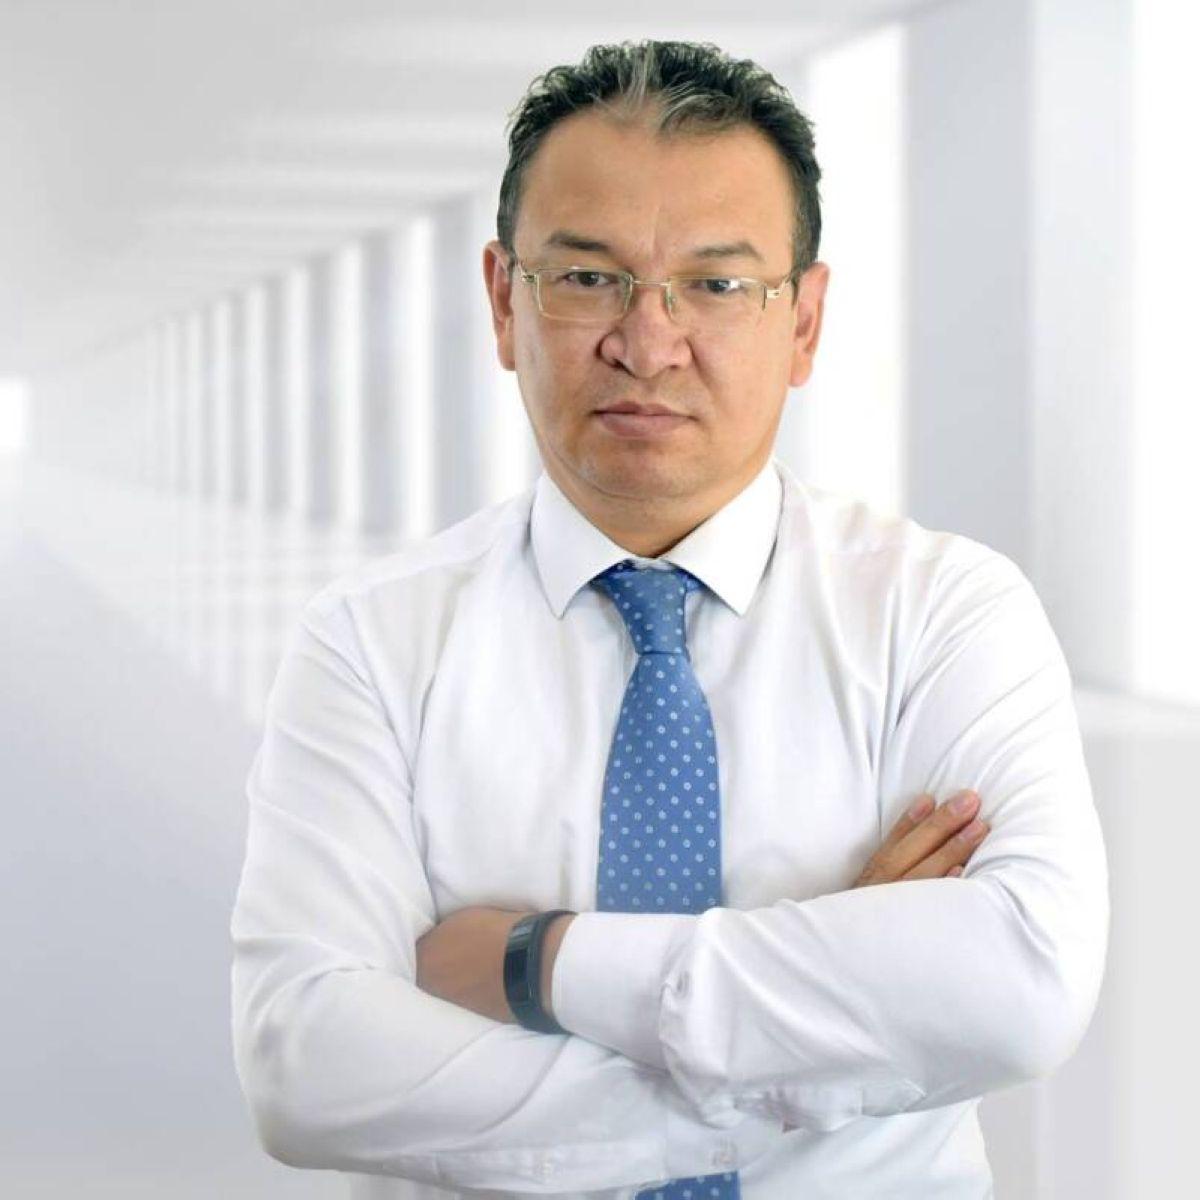 serik mukashev